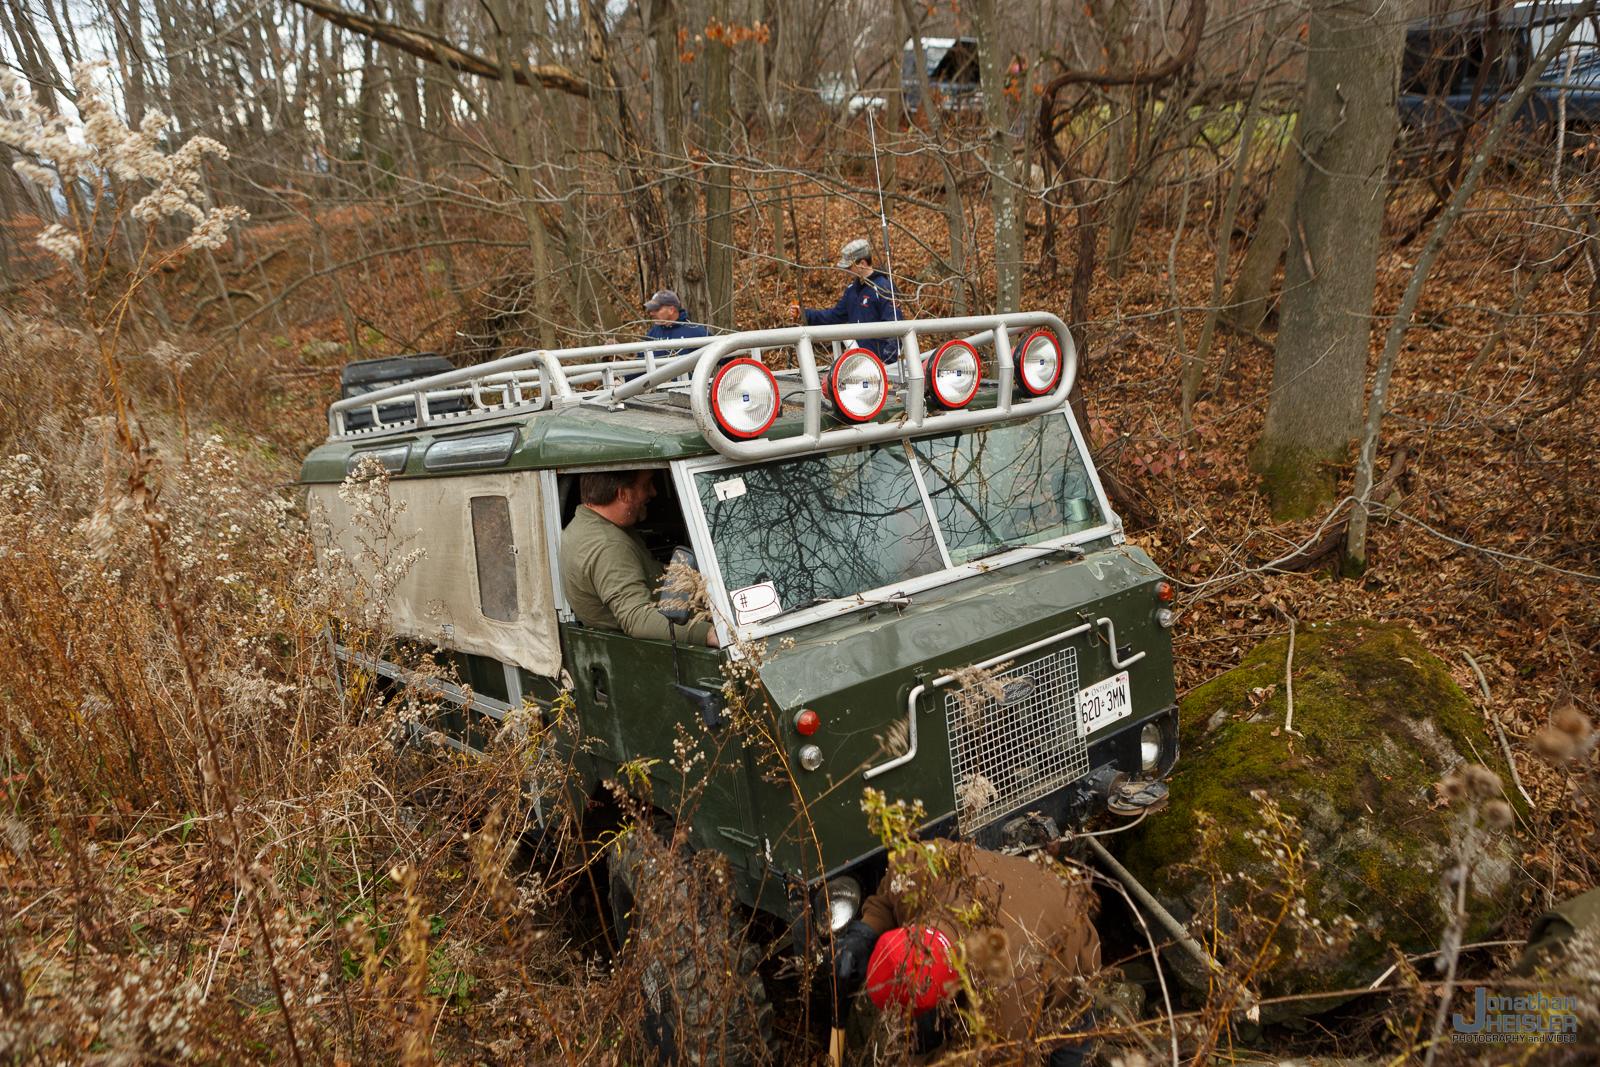 Guy Fawkes Land Rover_ Land Rover Defender __ Jonathan Heisler _ Jonathan Heisler Photography018.jpg